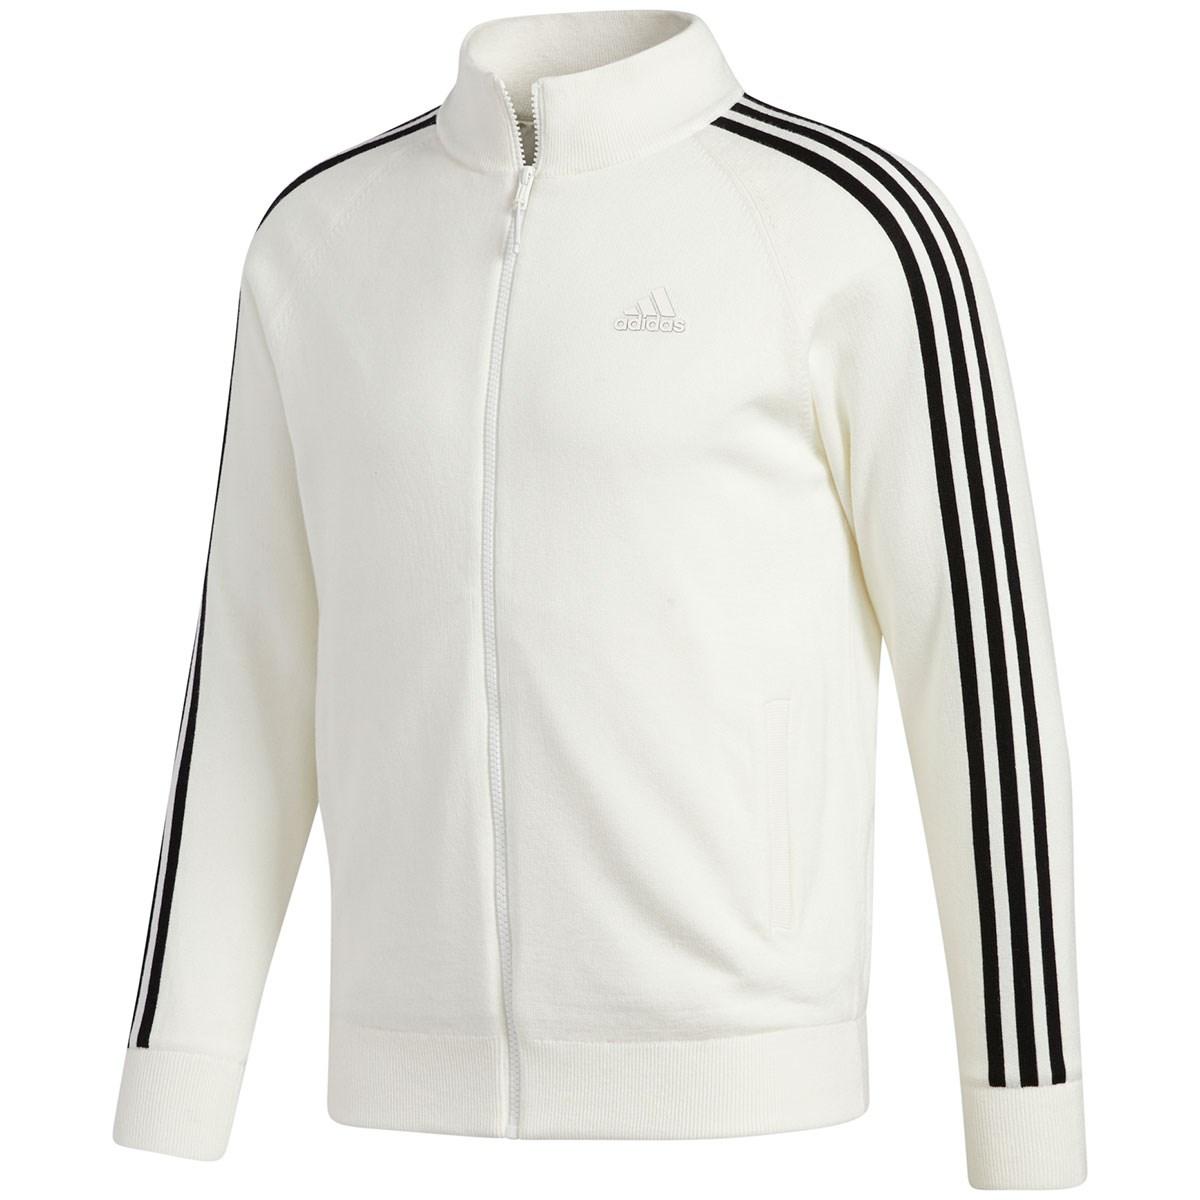 アディダス(adidas) スリーストライプス ライニングフルジップセーター